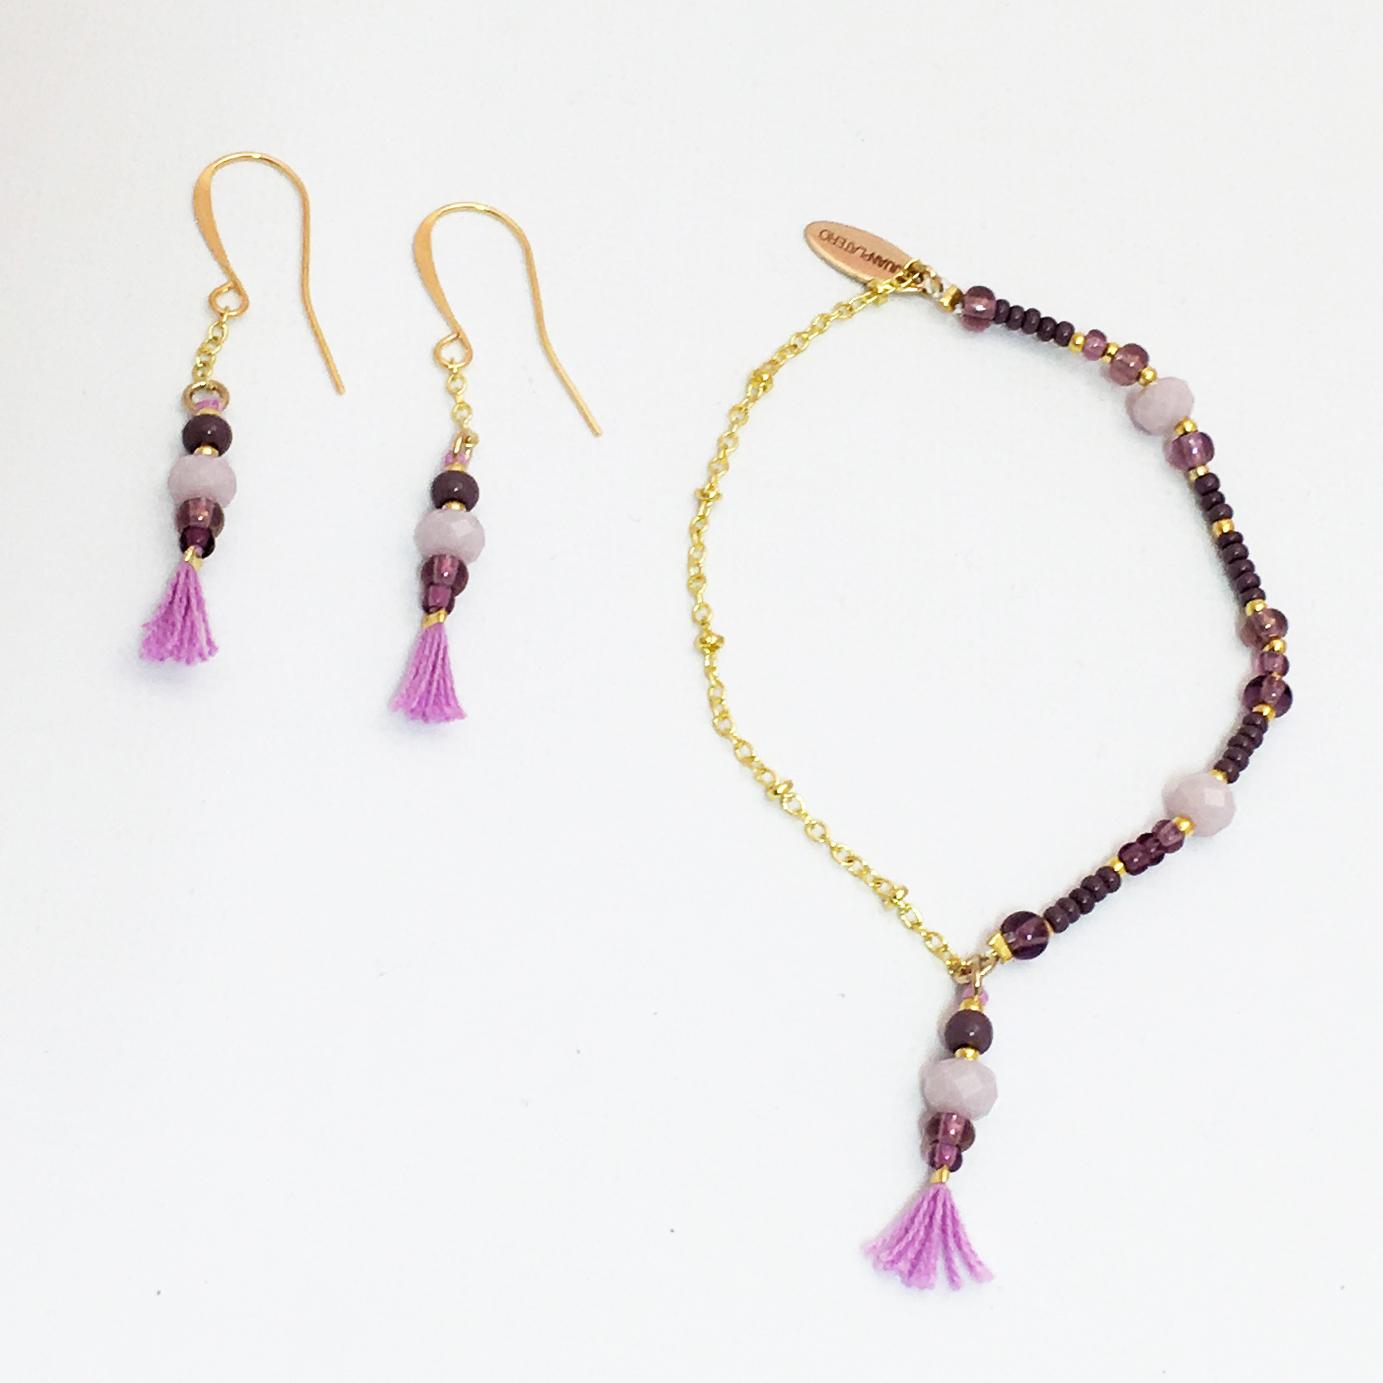 Juanplatero, örhänge, armband, minicharm, purple, fairtrade, smycke, hantverk, guatemala, fairmonkey (2)